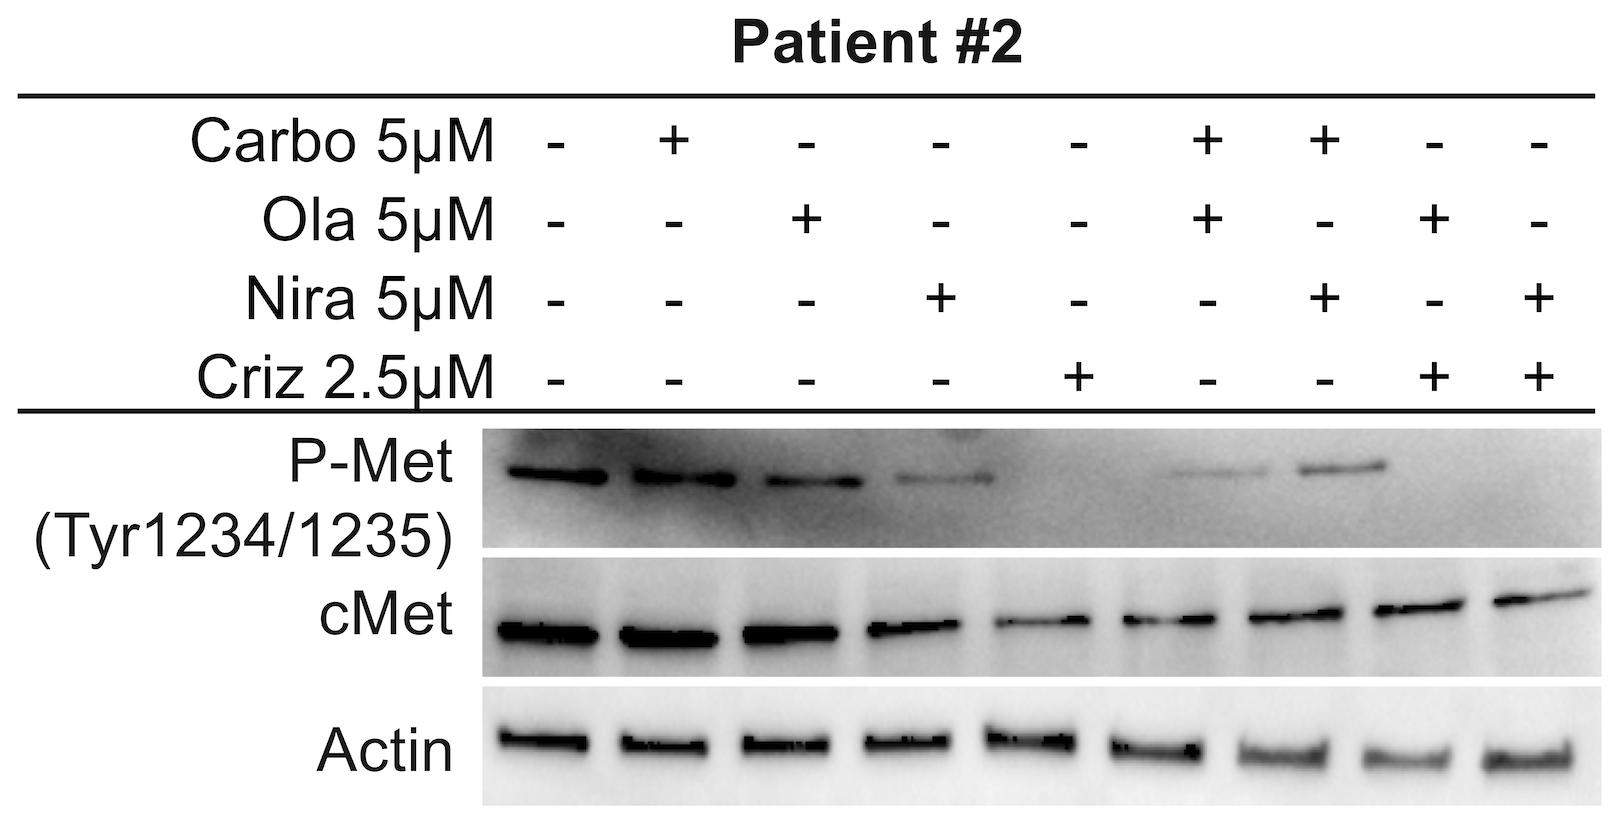 c-Met inhibition in Patient #2.